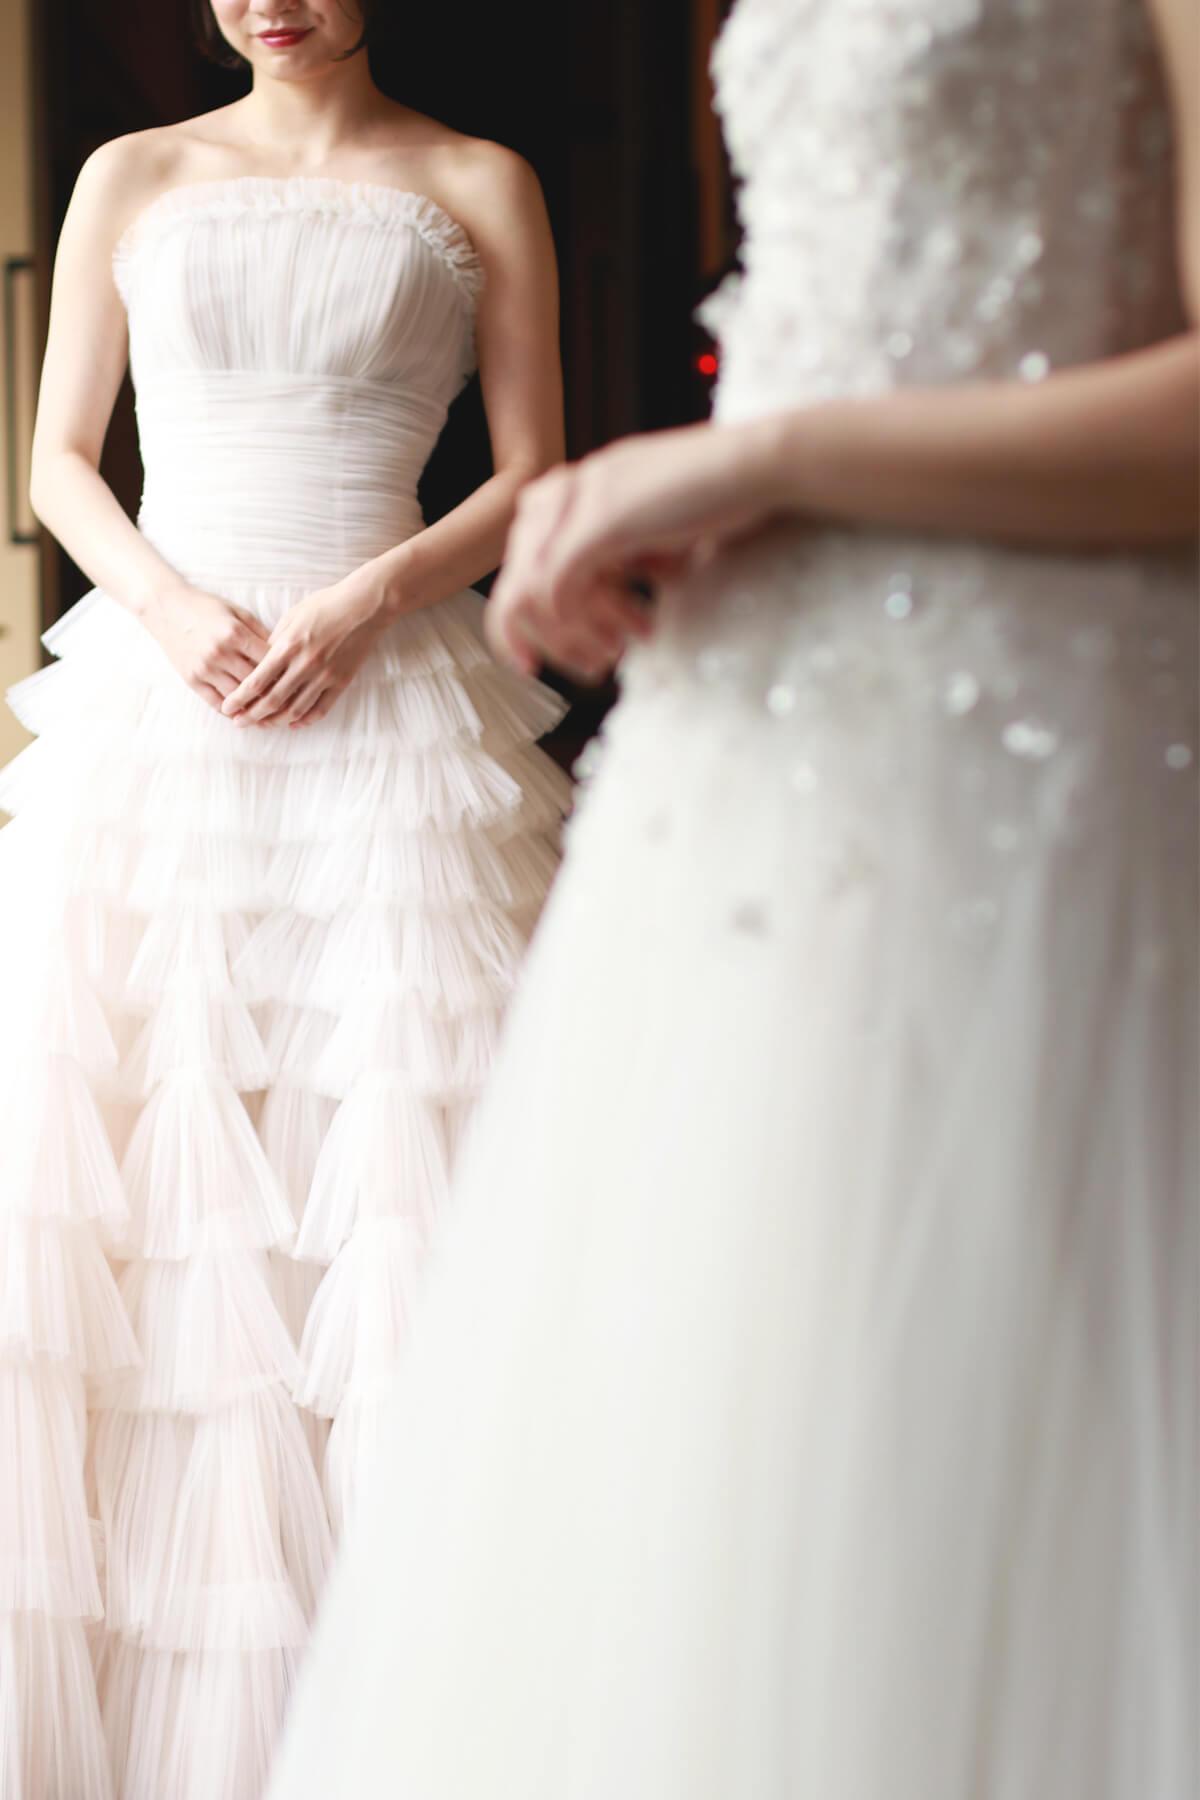 ザ・カワブンナゴヤでお式をされる花嫁様におすすめのマーク・イングラム・フォー・ヴァレンティー二のウェディングドレス